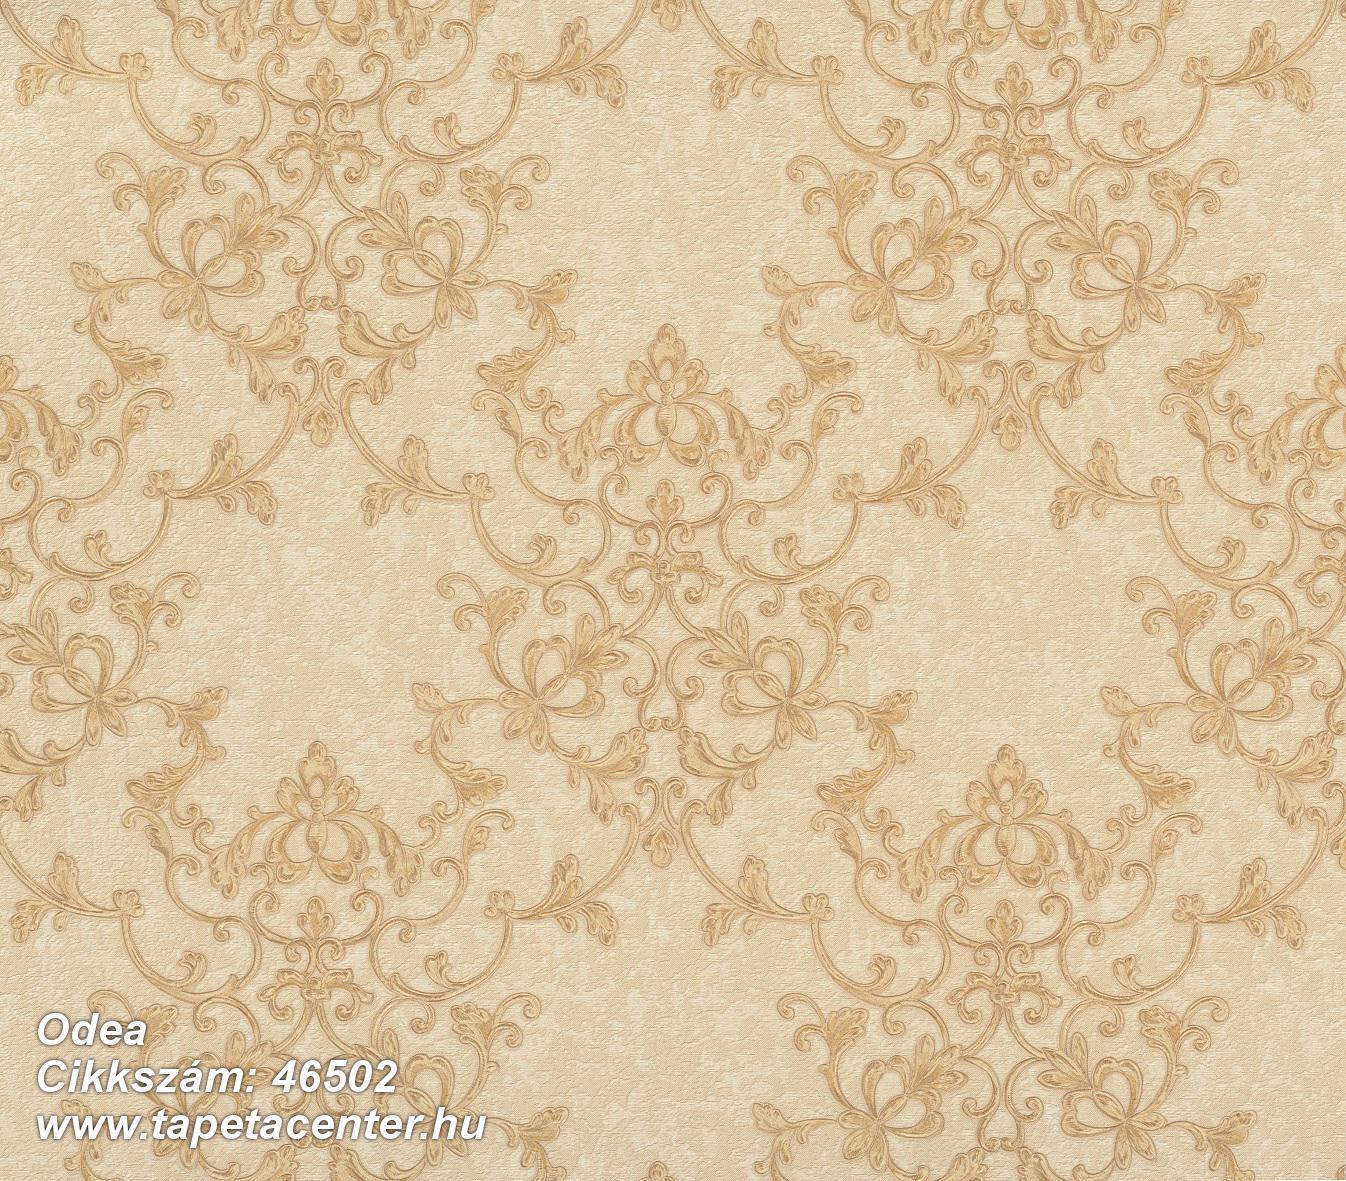 Odea - 46502 Olasz tapéta